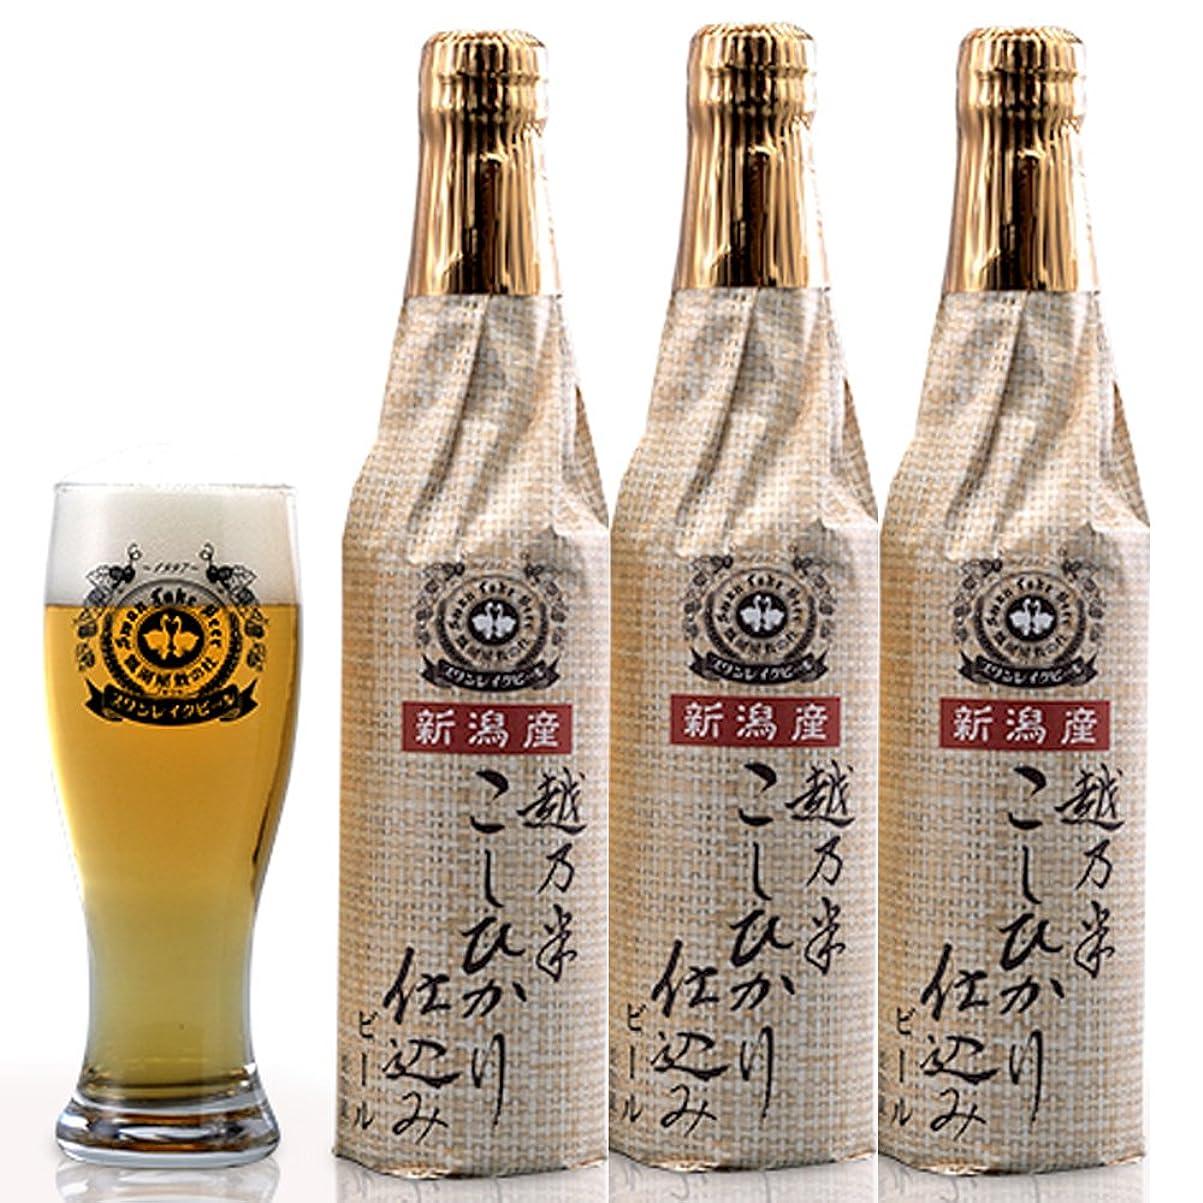 クアッガサスティーンアラームクラフトビール スワンレイクビール 越乃米 こしひかり仕込みビール 3本セット